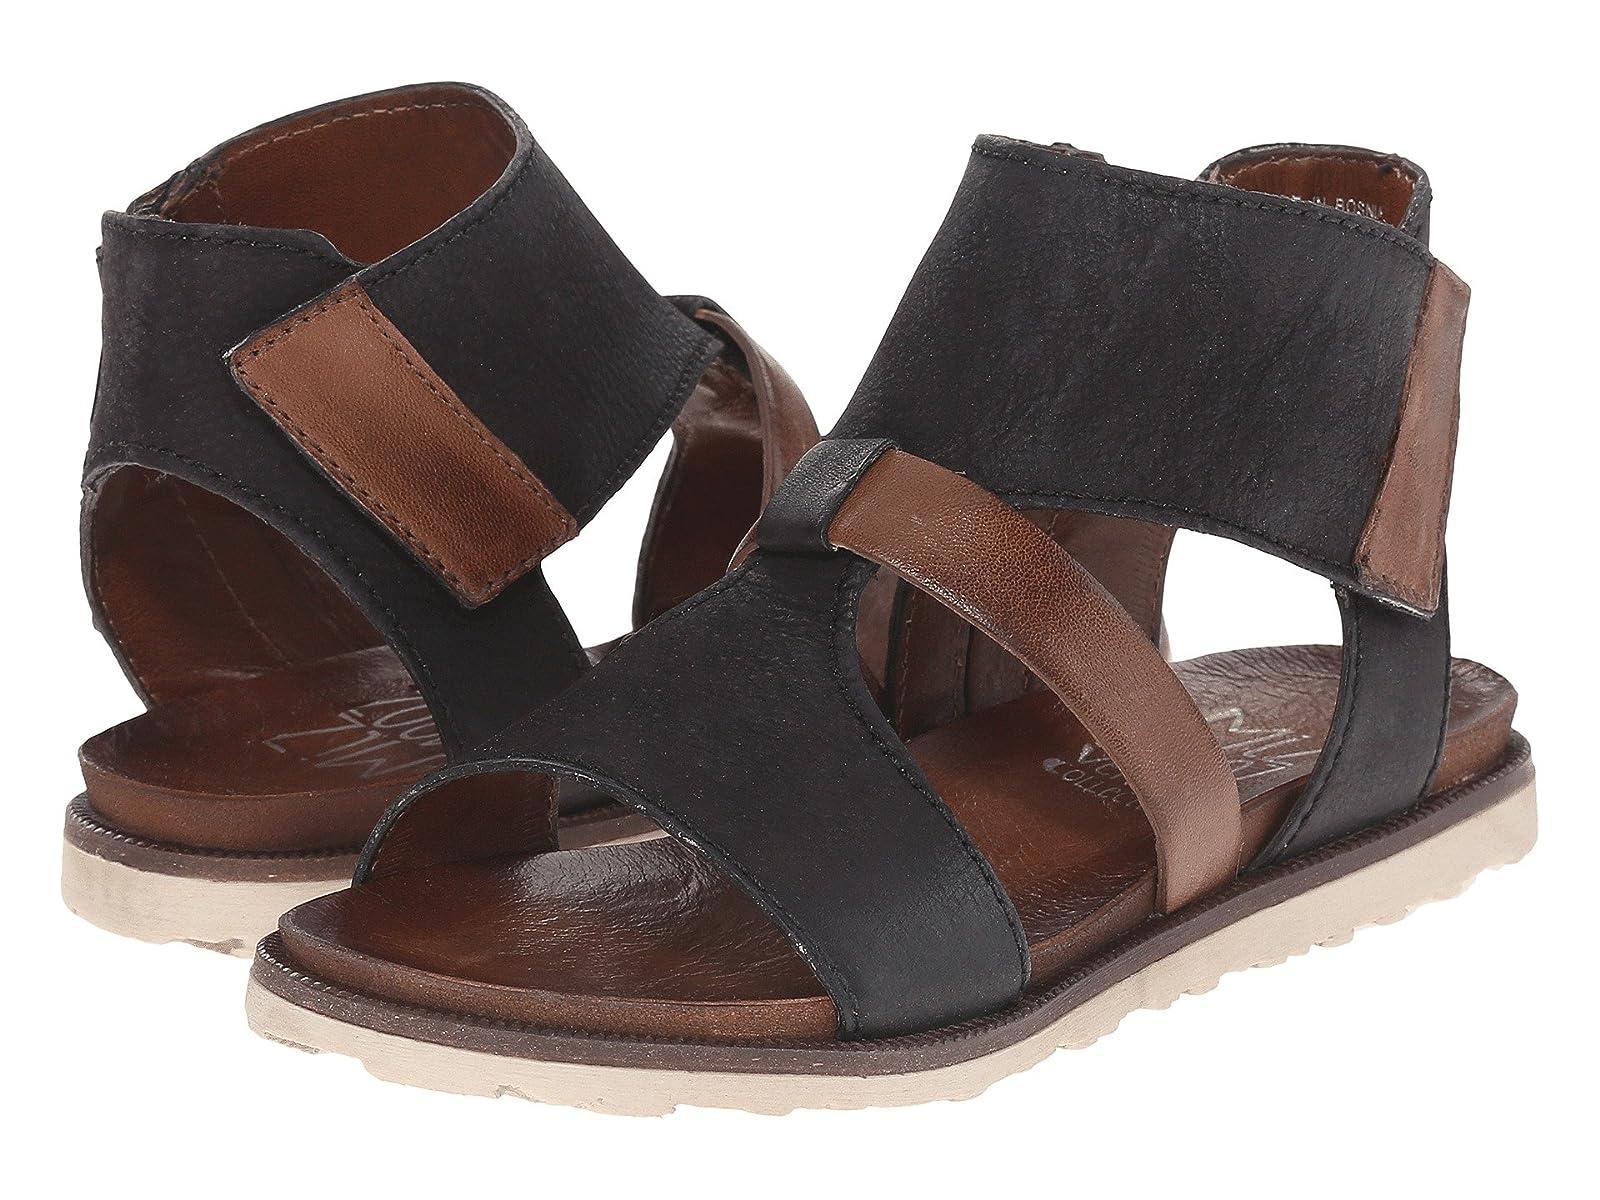 Miz Mooz TamsynAtmospheric grades have affordable shoes